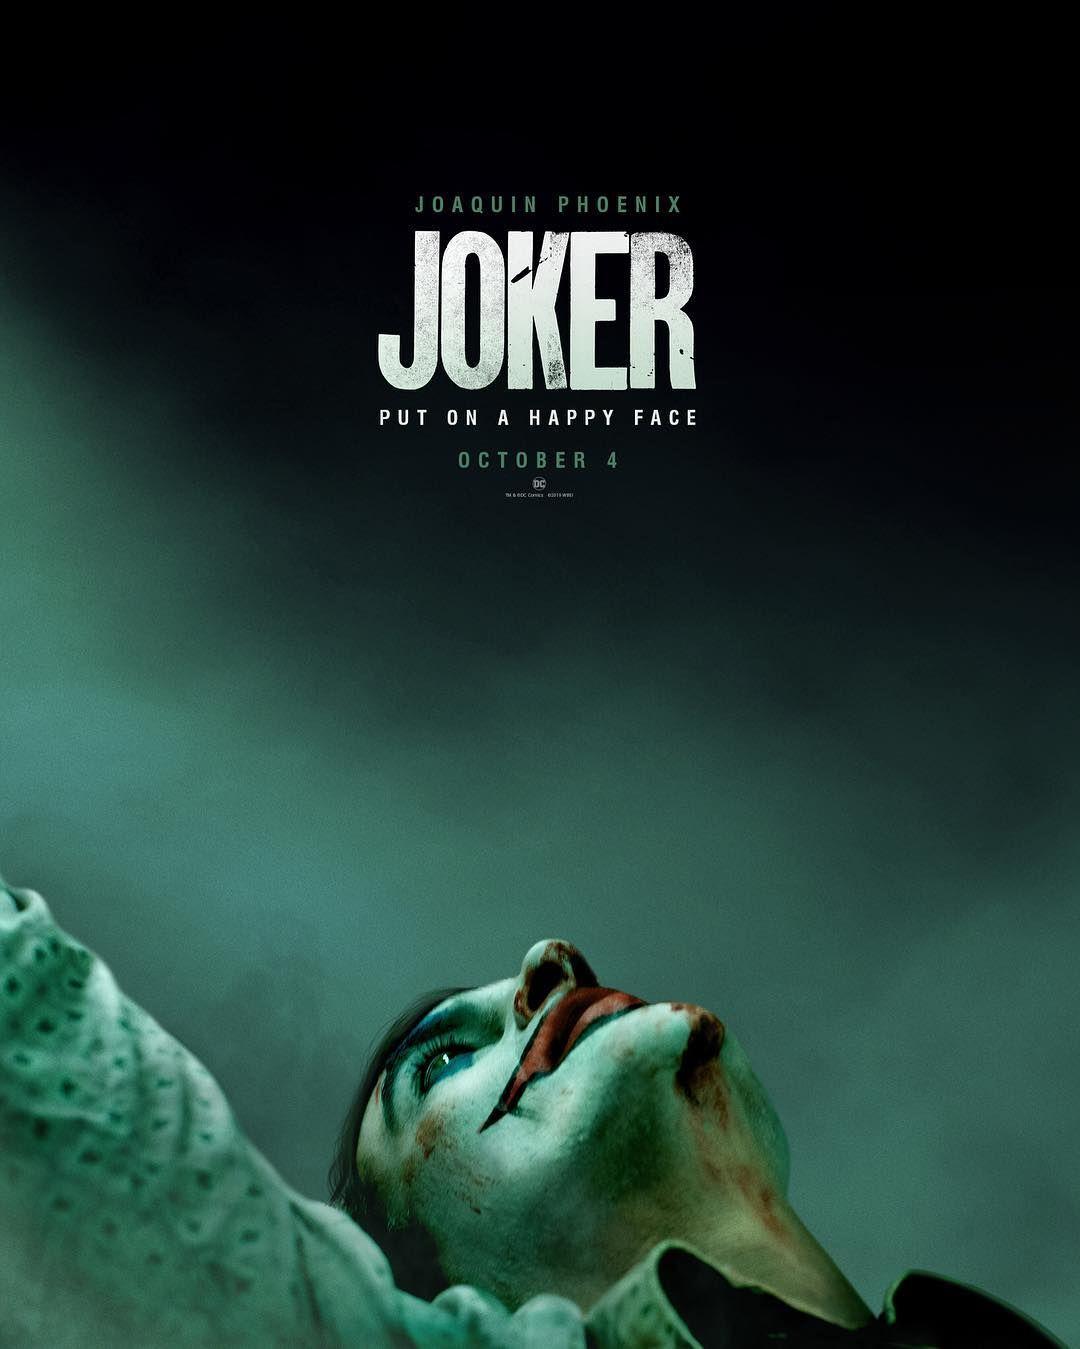 Joker La Espectacular Nueva Imagen De Joaquim Phoenix